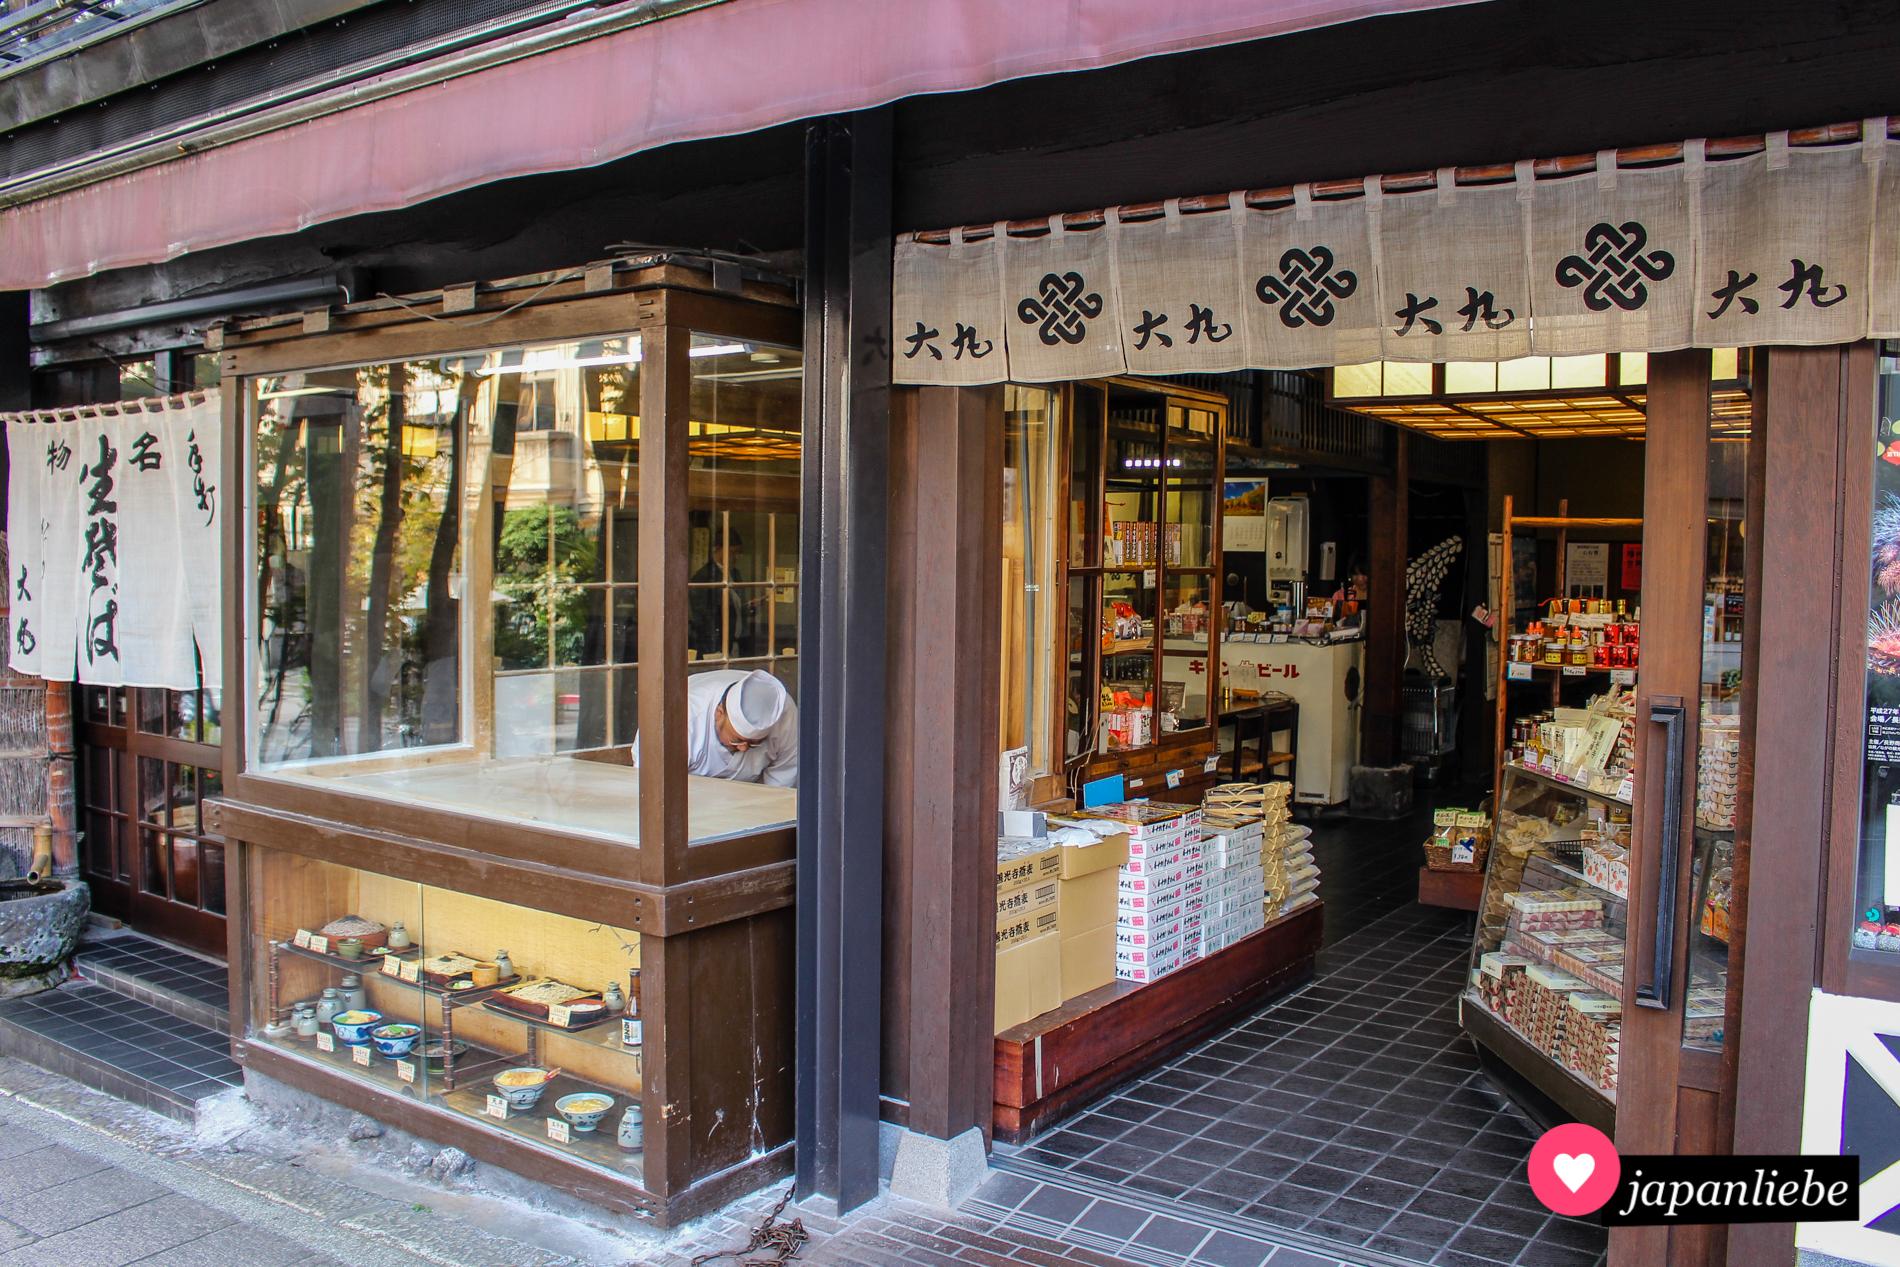 An diesem Restaurant in Nagano kannst du durch ein Fenster beobachten, wie Buchweizennudeln frisch hergestellt werden.